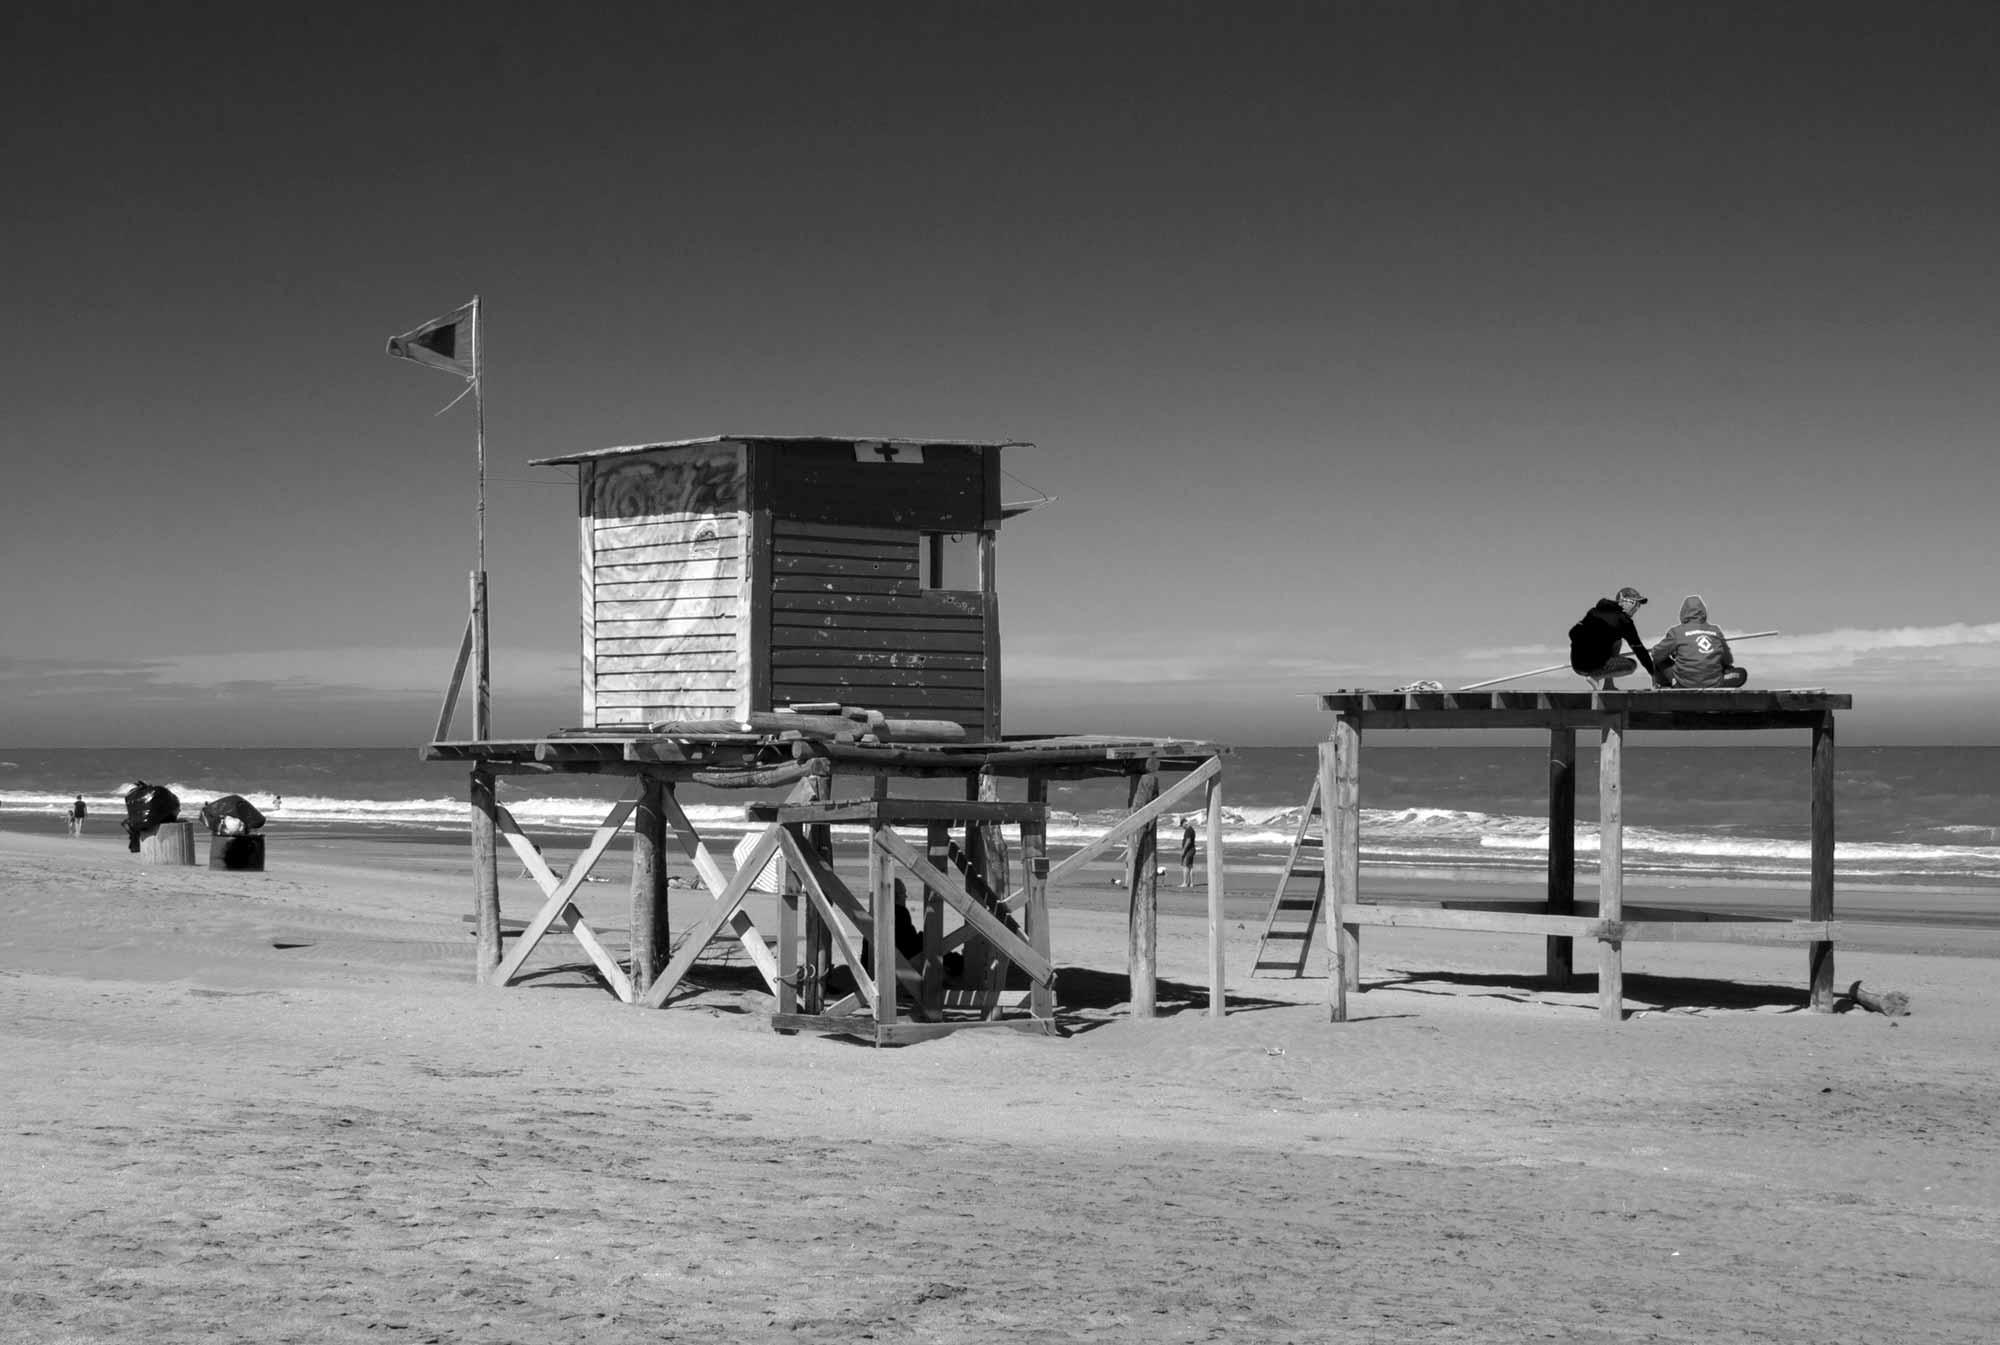 Strandausguck aus Holz auf Pfählen am Strand von Mar de las Pampas, Argentinien